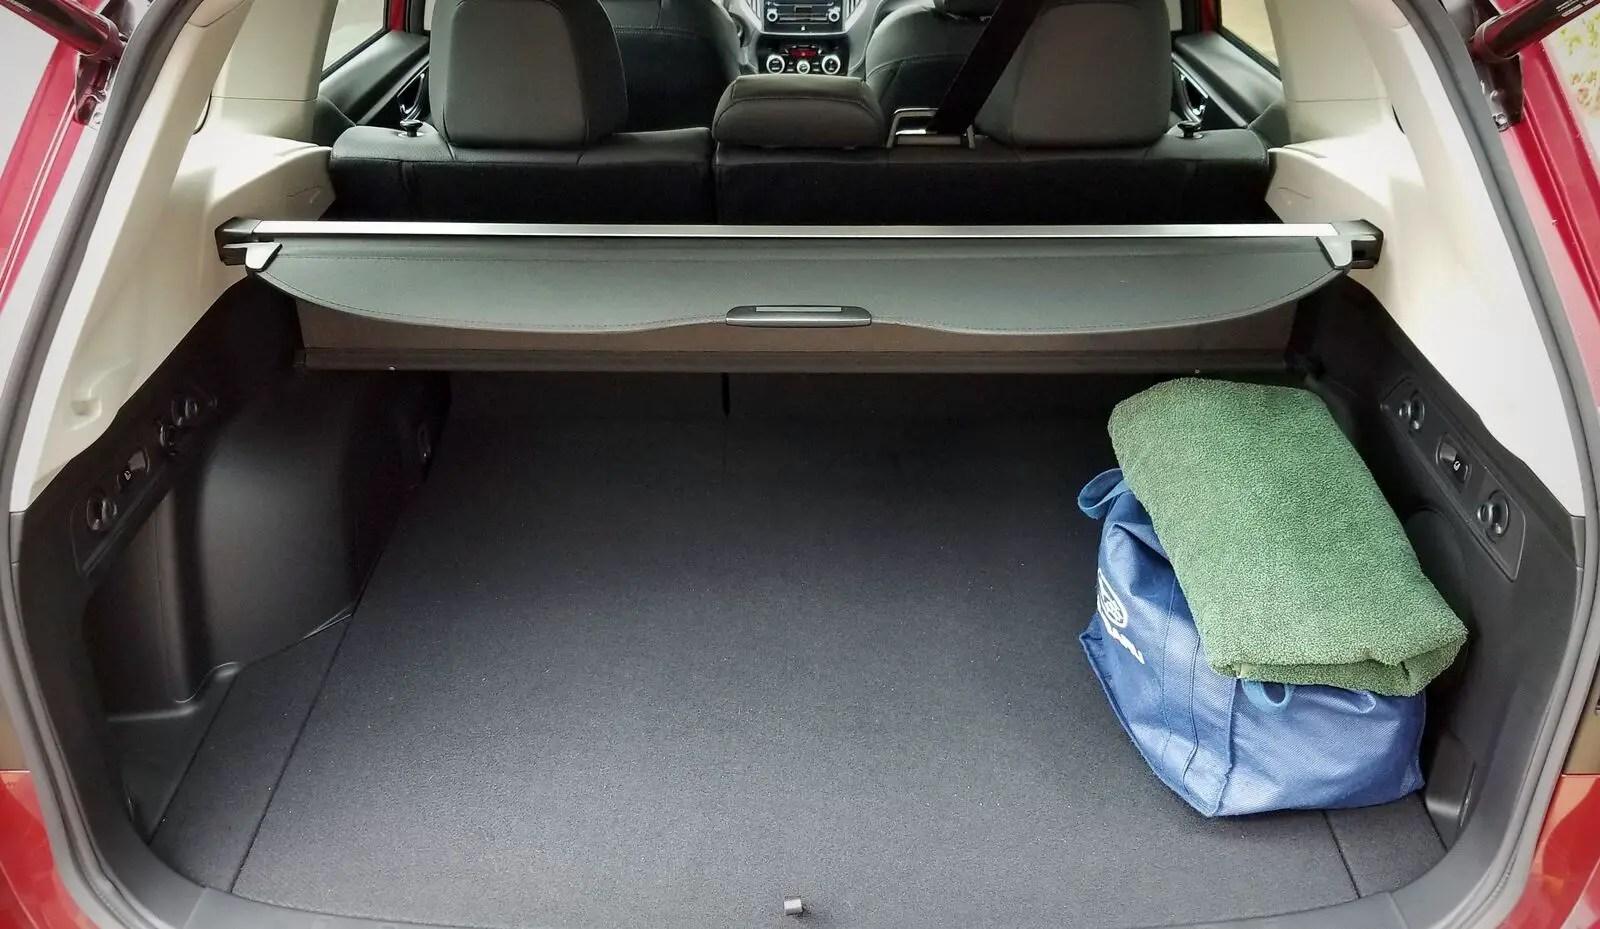 2021 Subaru Forester Trunk Capacity